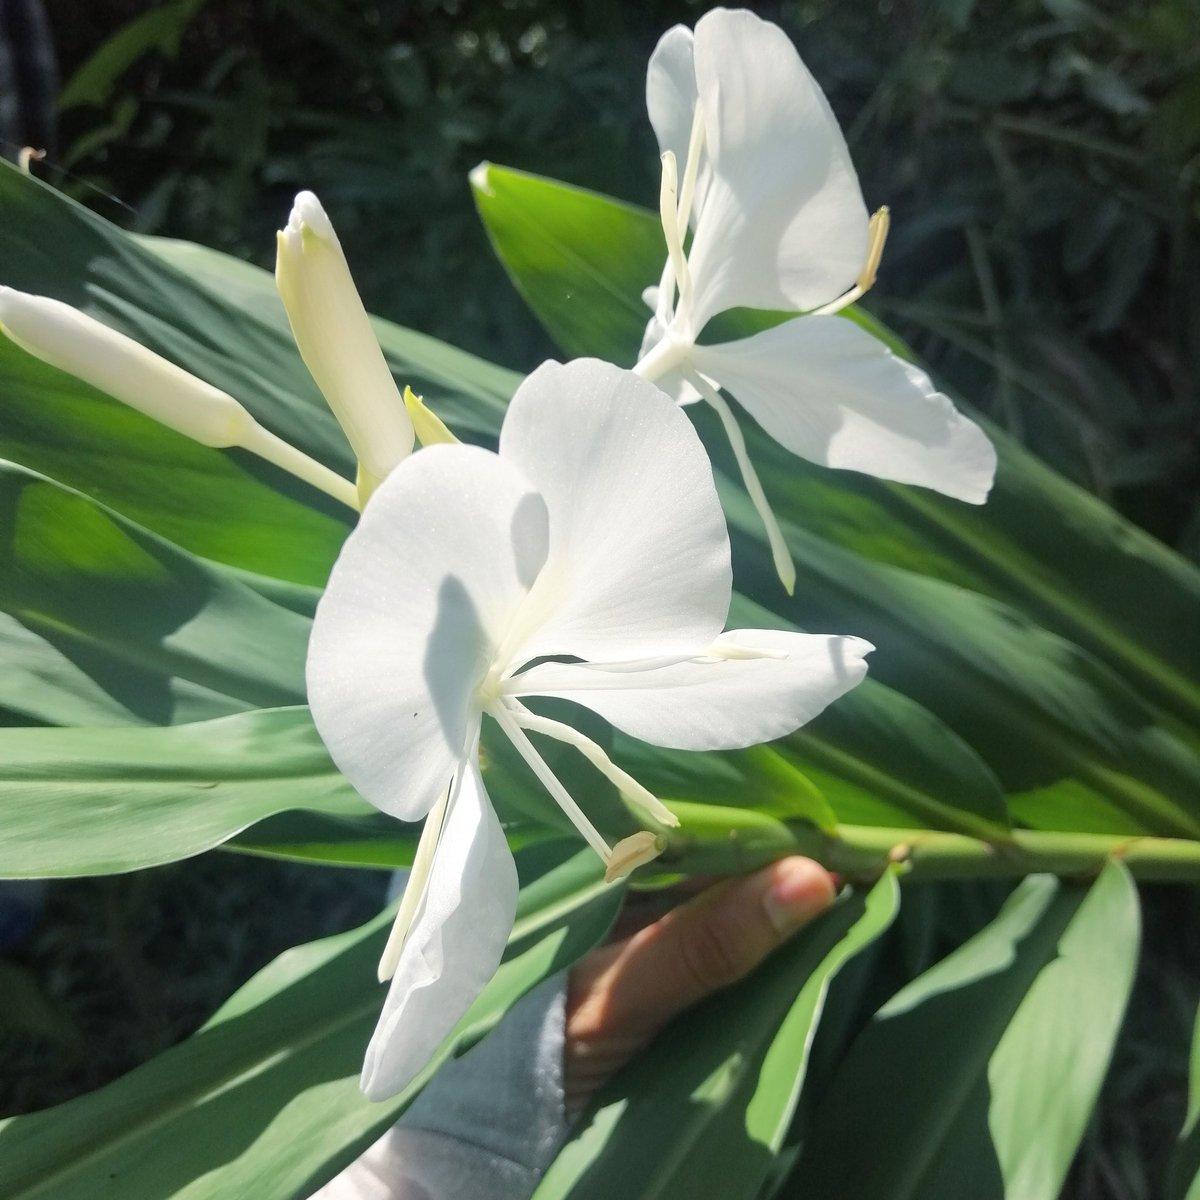 ISUAISTAKPAPALOXOCHIT es el nombre de esta flor en #Nauat/#nahuatl. .🌿 ISUAT - es una familia de #plantas con hojas largas y anchas ⚪ ISTAK - color #blanco 🦋 PAPALOT - #mariposa (por la forma de la flor) 🌼 XOCHIT - #flor https://t.co/jjWvyv63e1